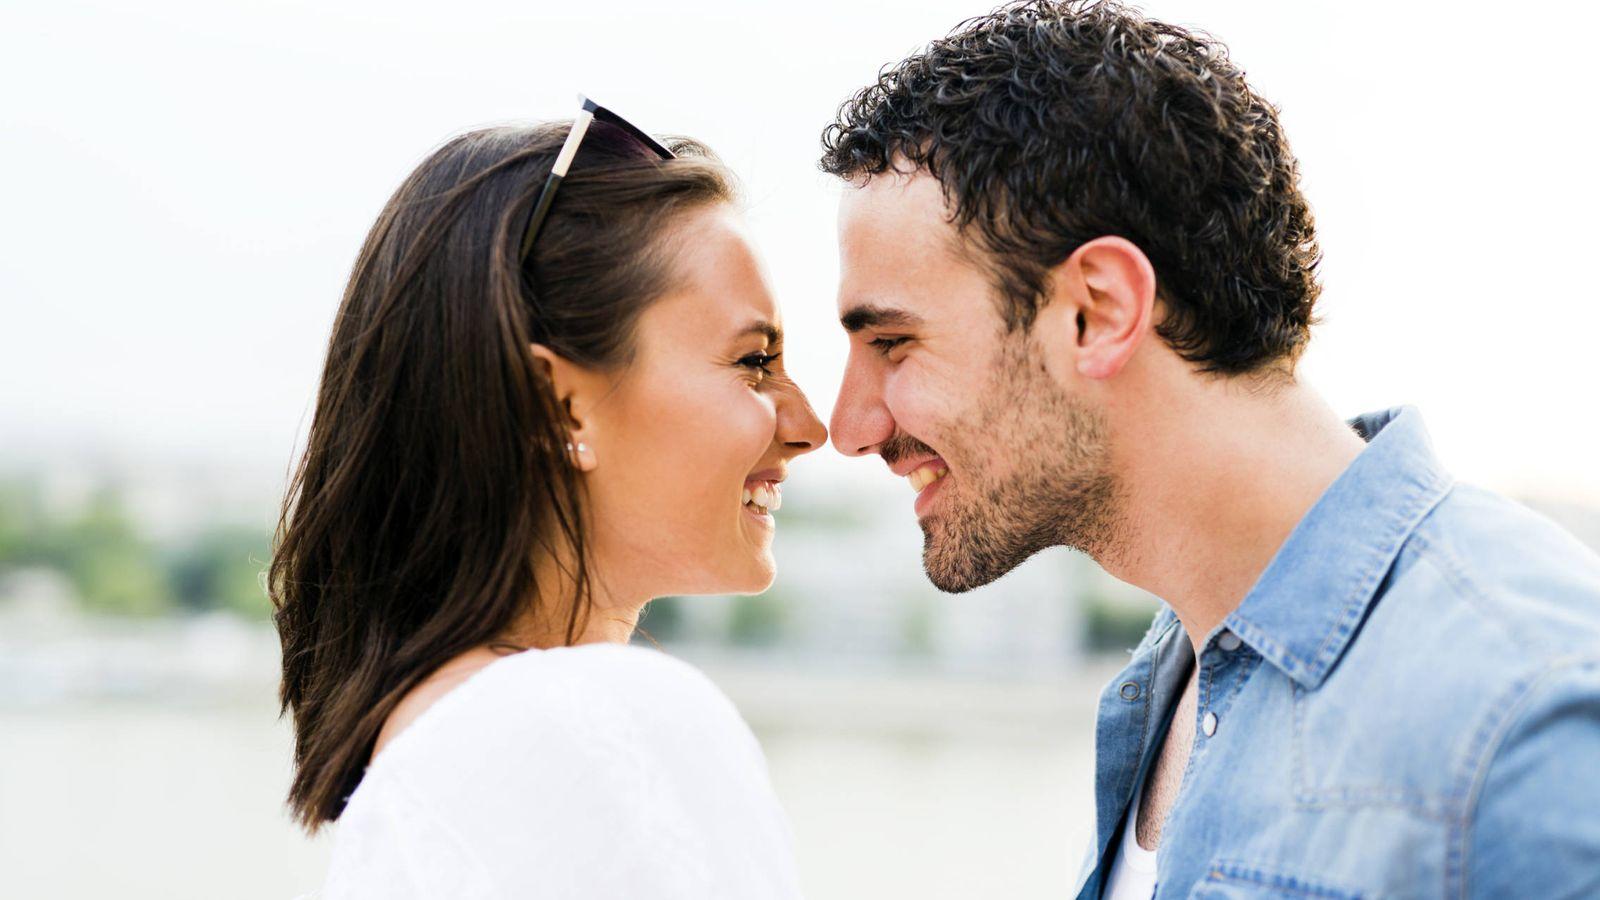 Relaciones Sexuales Convertir La Amistad En Amor Un Estudio Revela